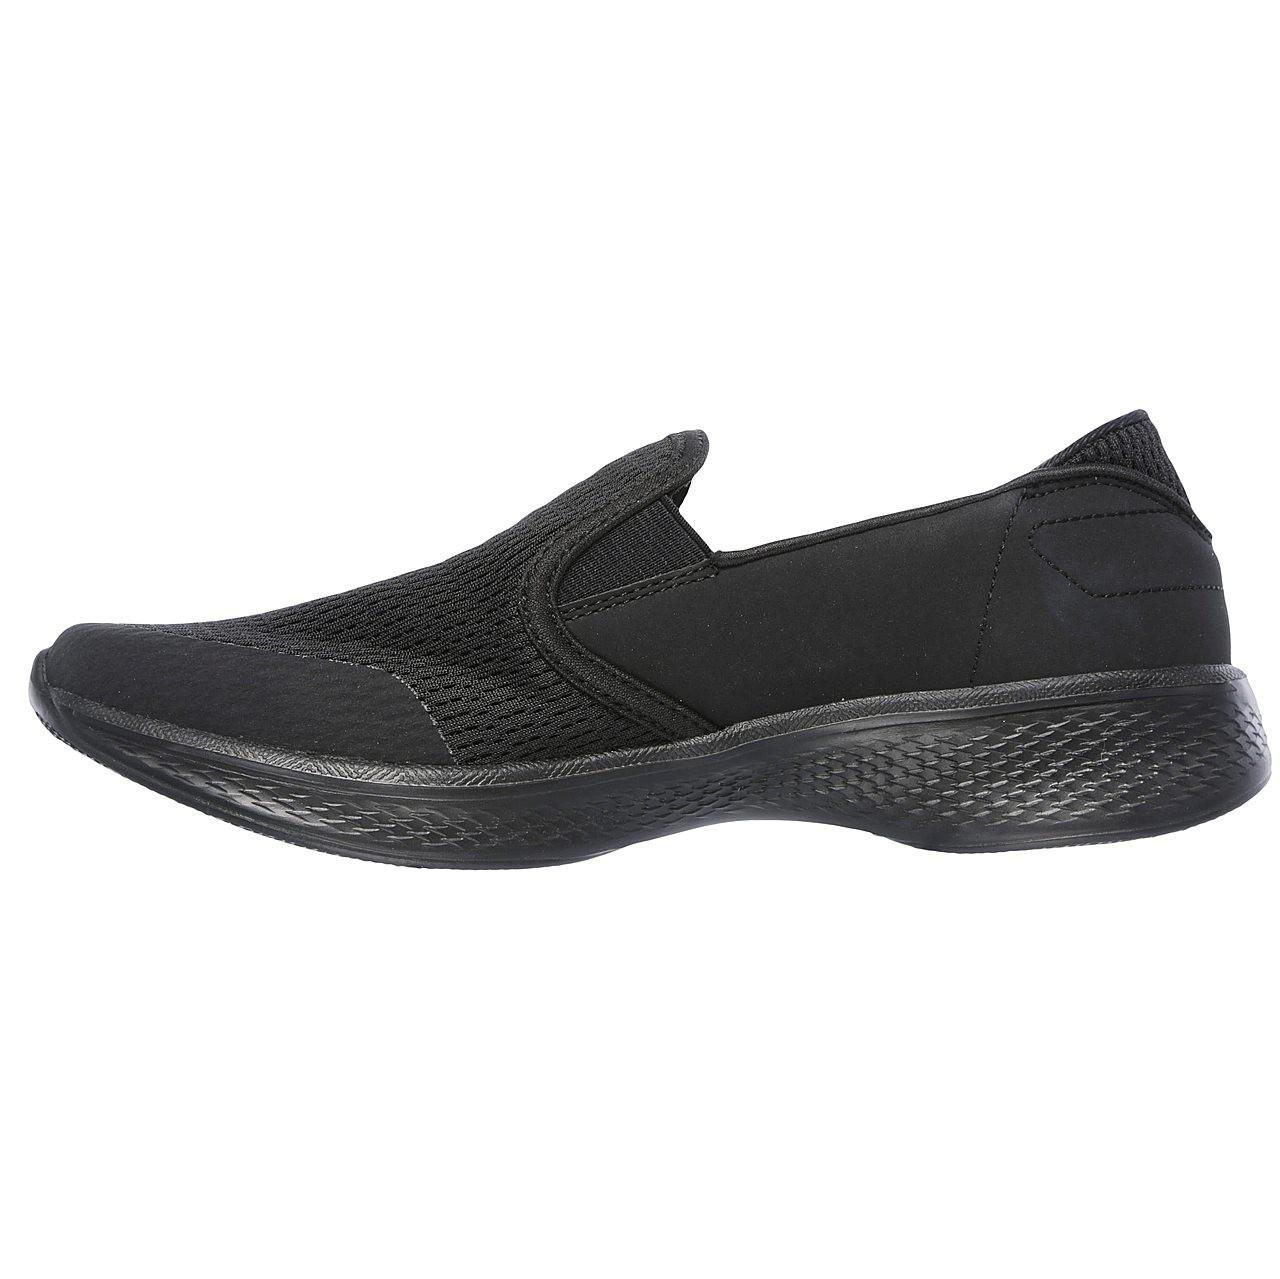 کفش مخصوص پیاده روی زنانه اسکچرز مدل  MIRACLE 14927 BBK